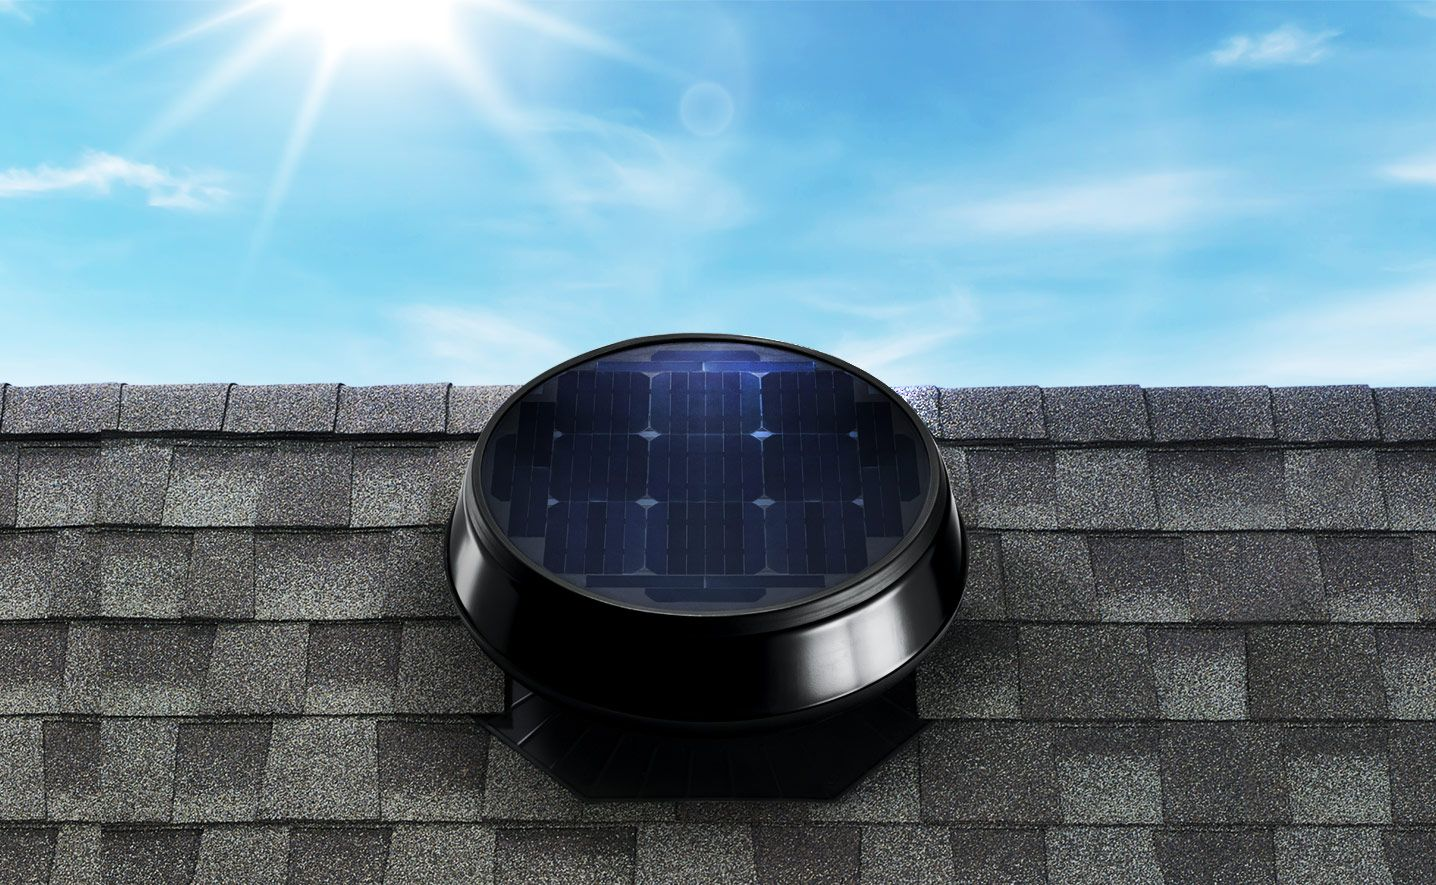 Imagen De Un Ventilador Atico Con Energia Solar Solar Powered Attic Fan Attic Fans Solar Attic Fan